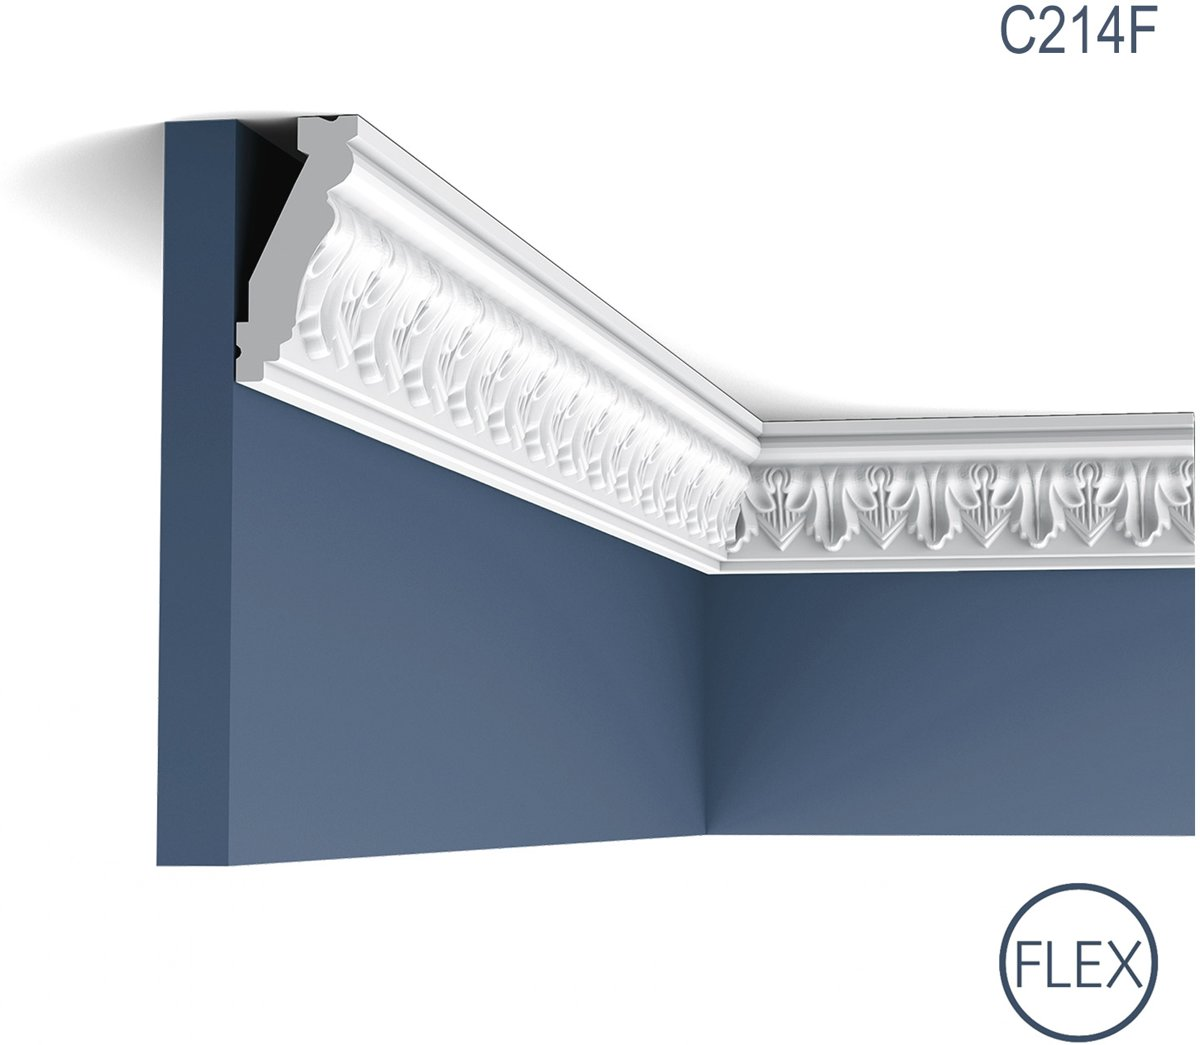 Kroonlijst flexibel Origineel Orac Decor C214F LUXXUS Plafondlijst Sierlijst flexibel 2 m kopen